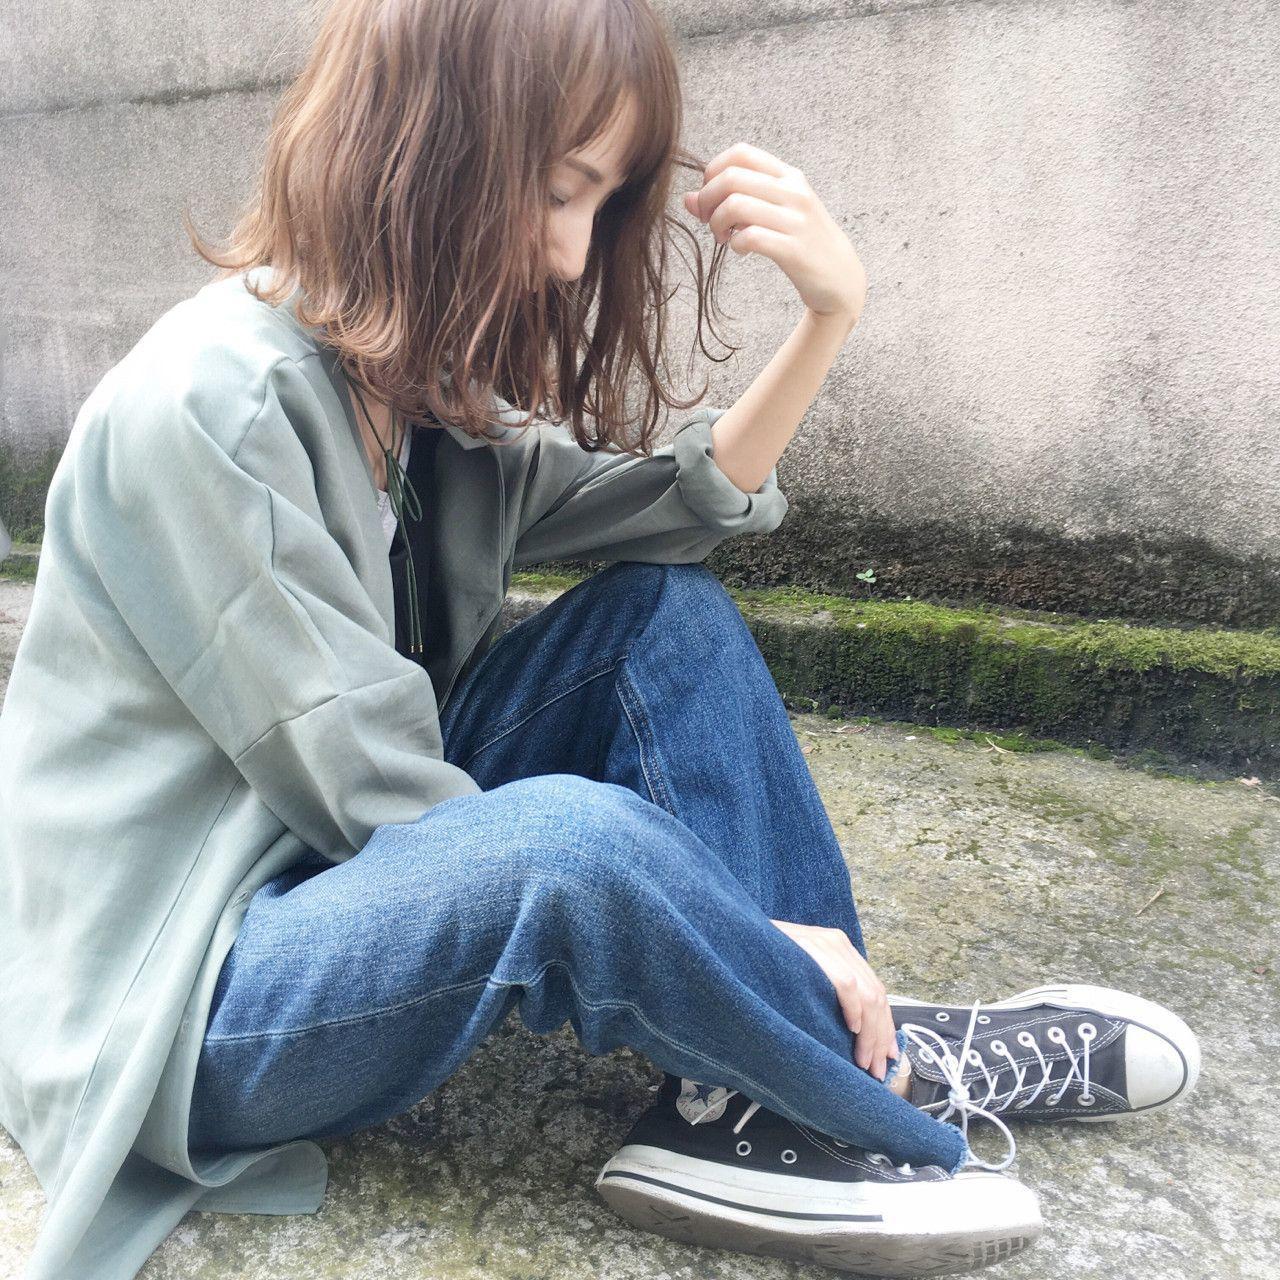 【レディース】アメカジでラフな着こなしを♡ブランド・コーデを発表の33枚目の画像